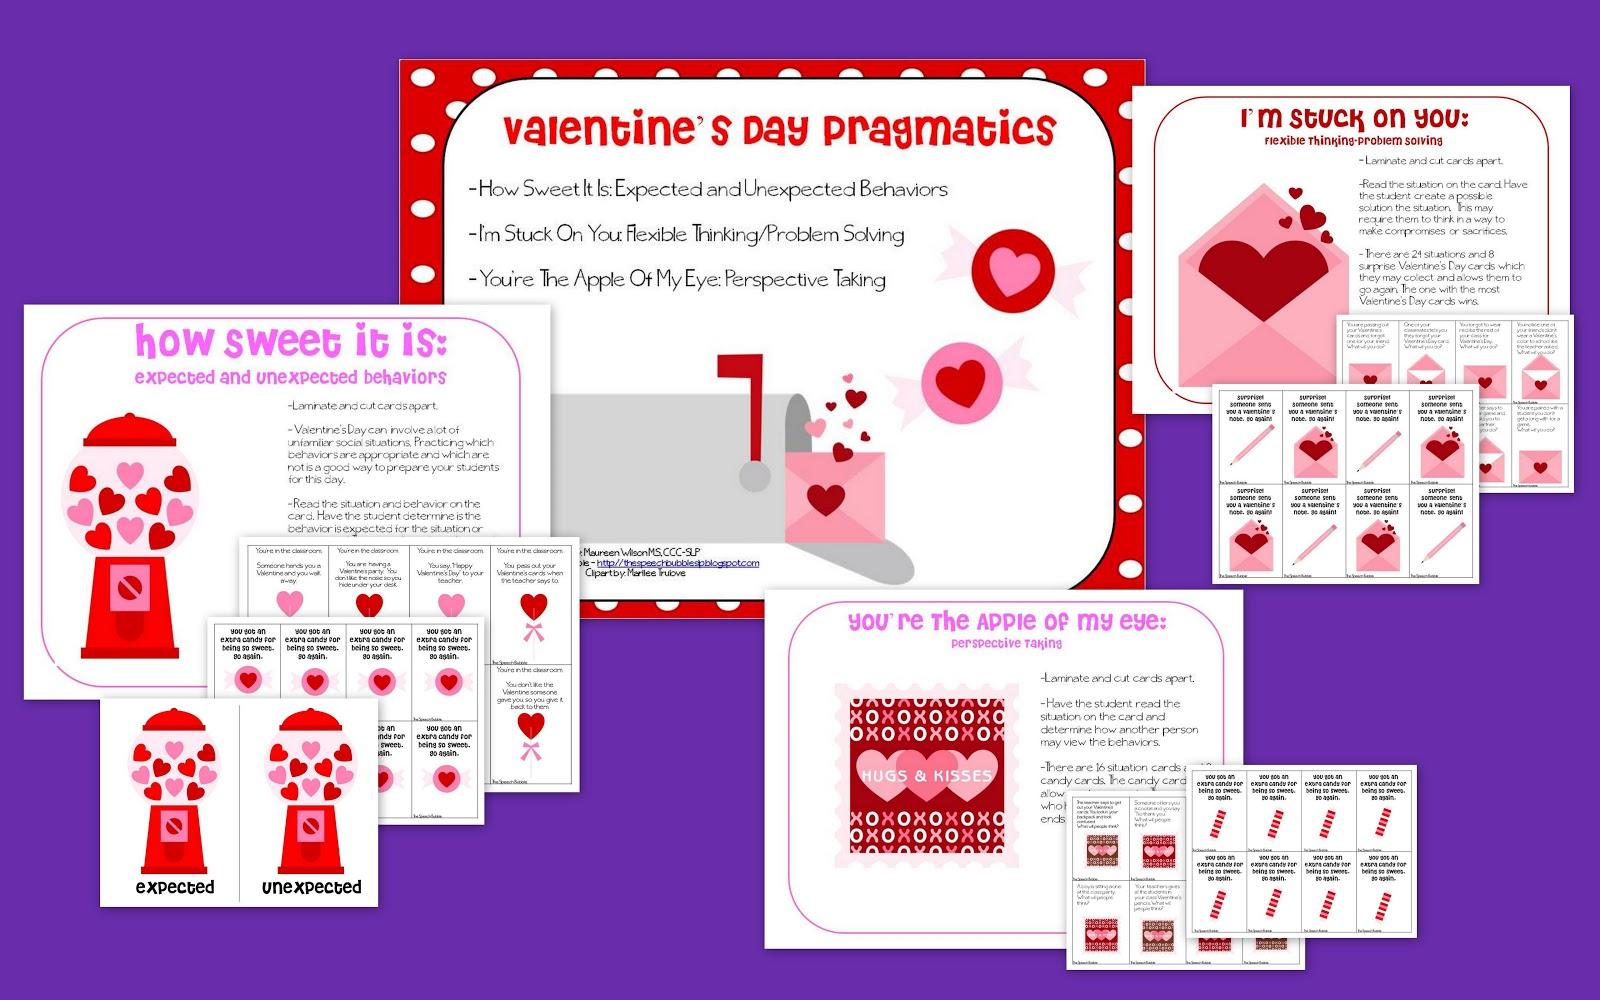 Valentine's Day Pragmatics